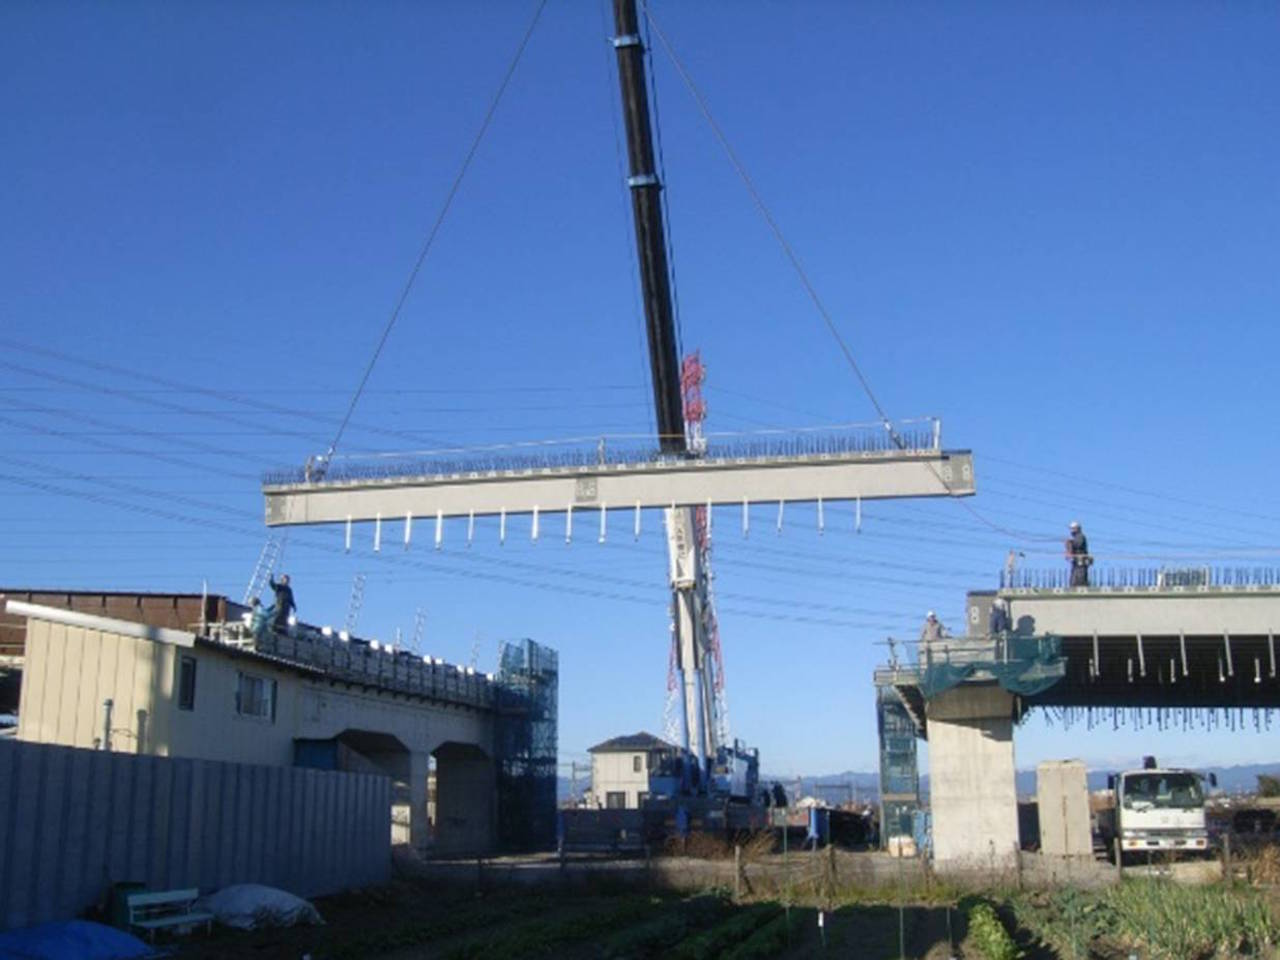 北環状線橋りょう プレテンション方式 3径間連結T桁橋(トラッククレーン架設)